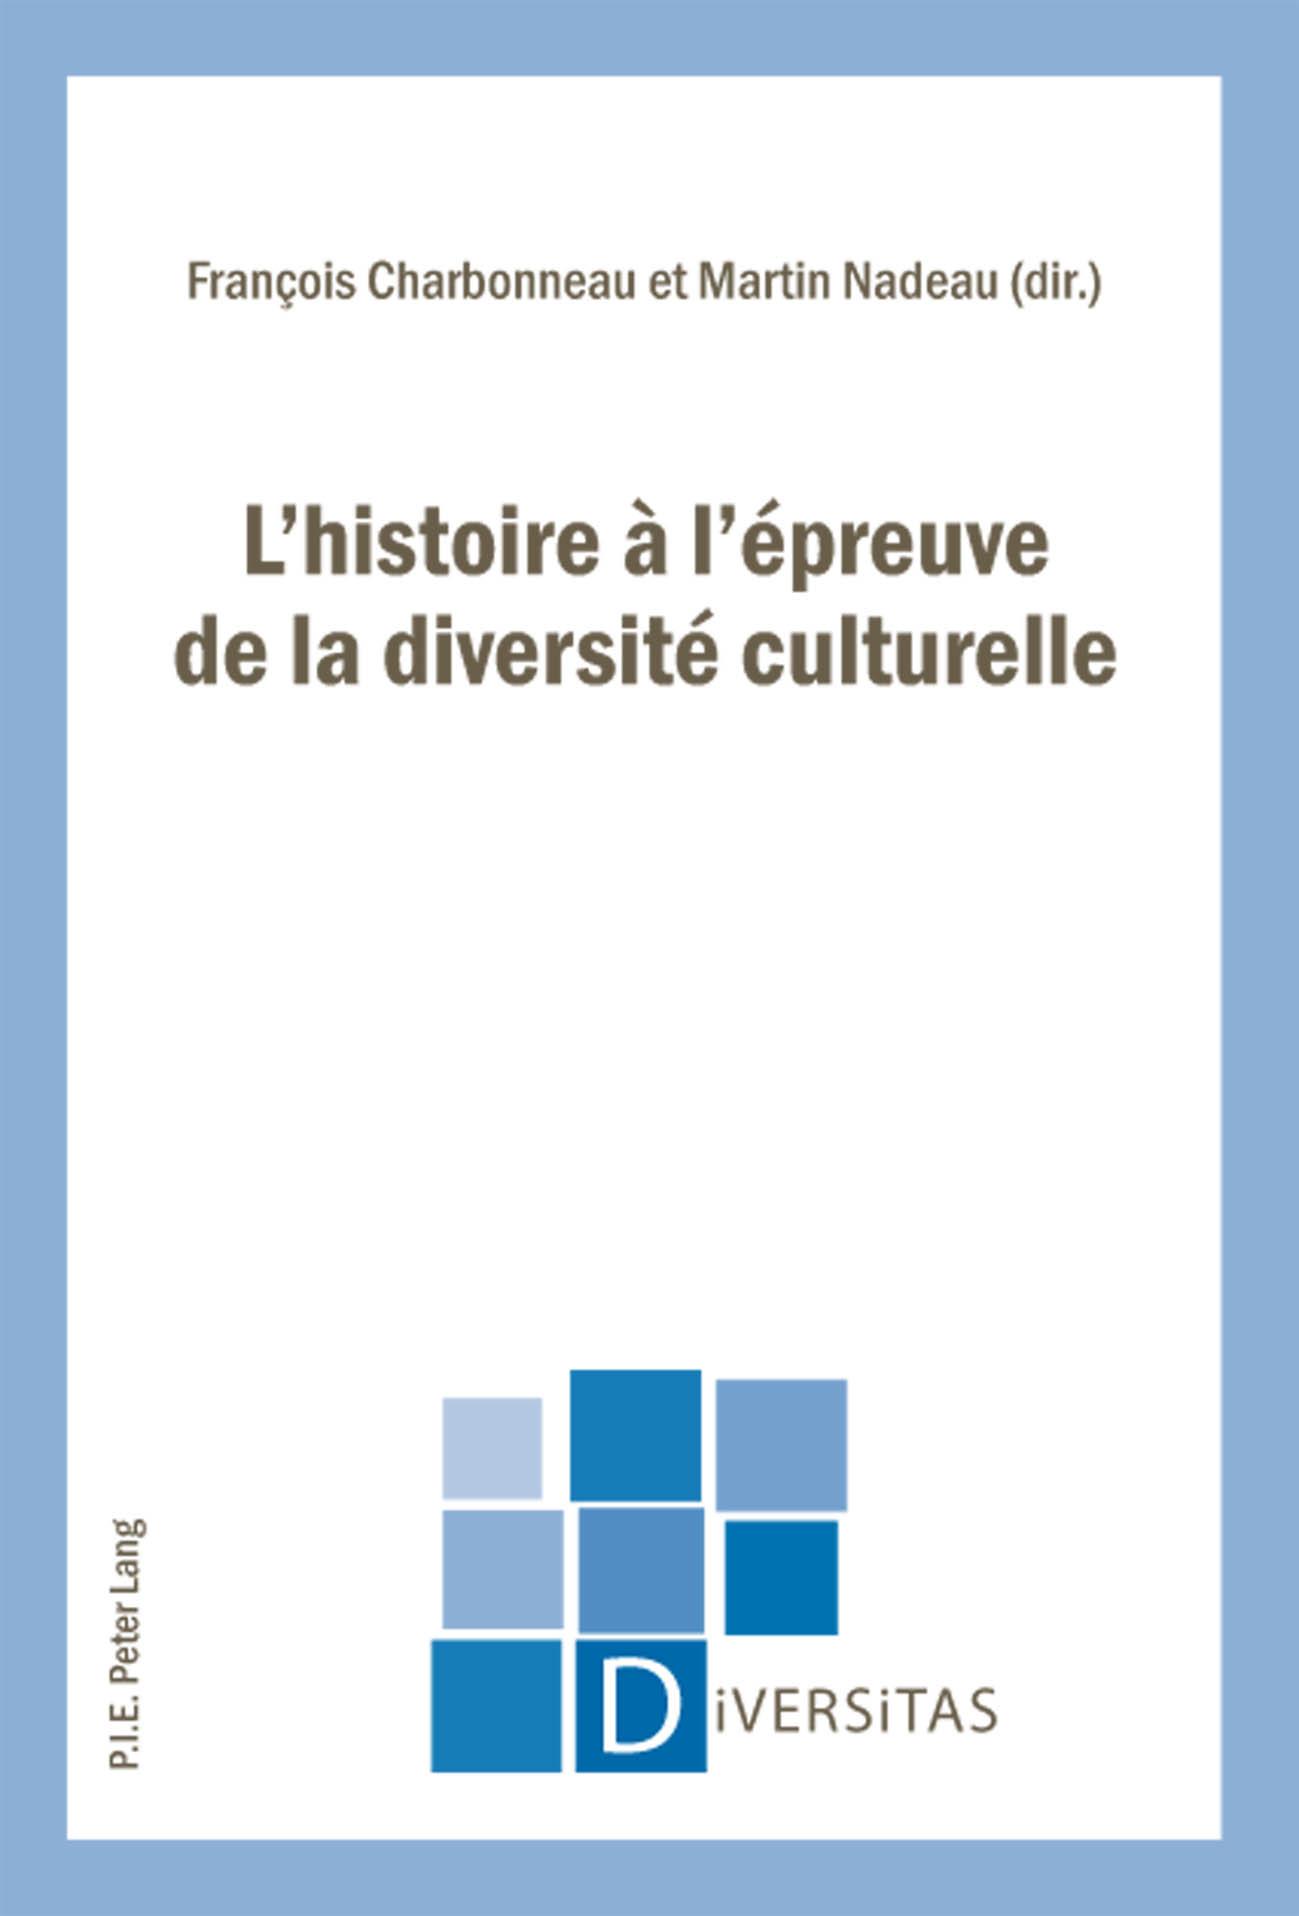 L'HISTOIRE A L'EPREUVE DE LA DIVERSITE CULTURELLE